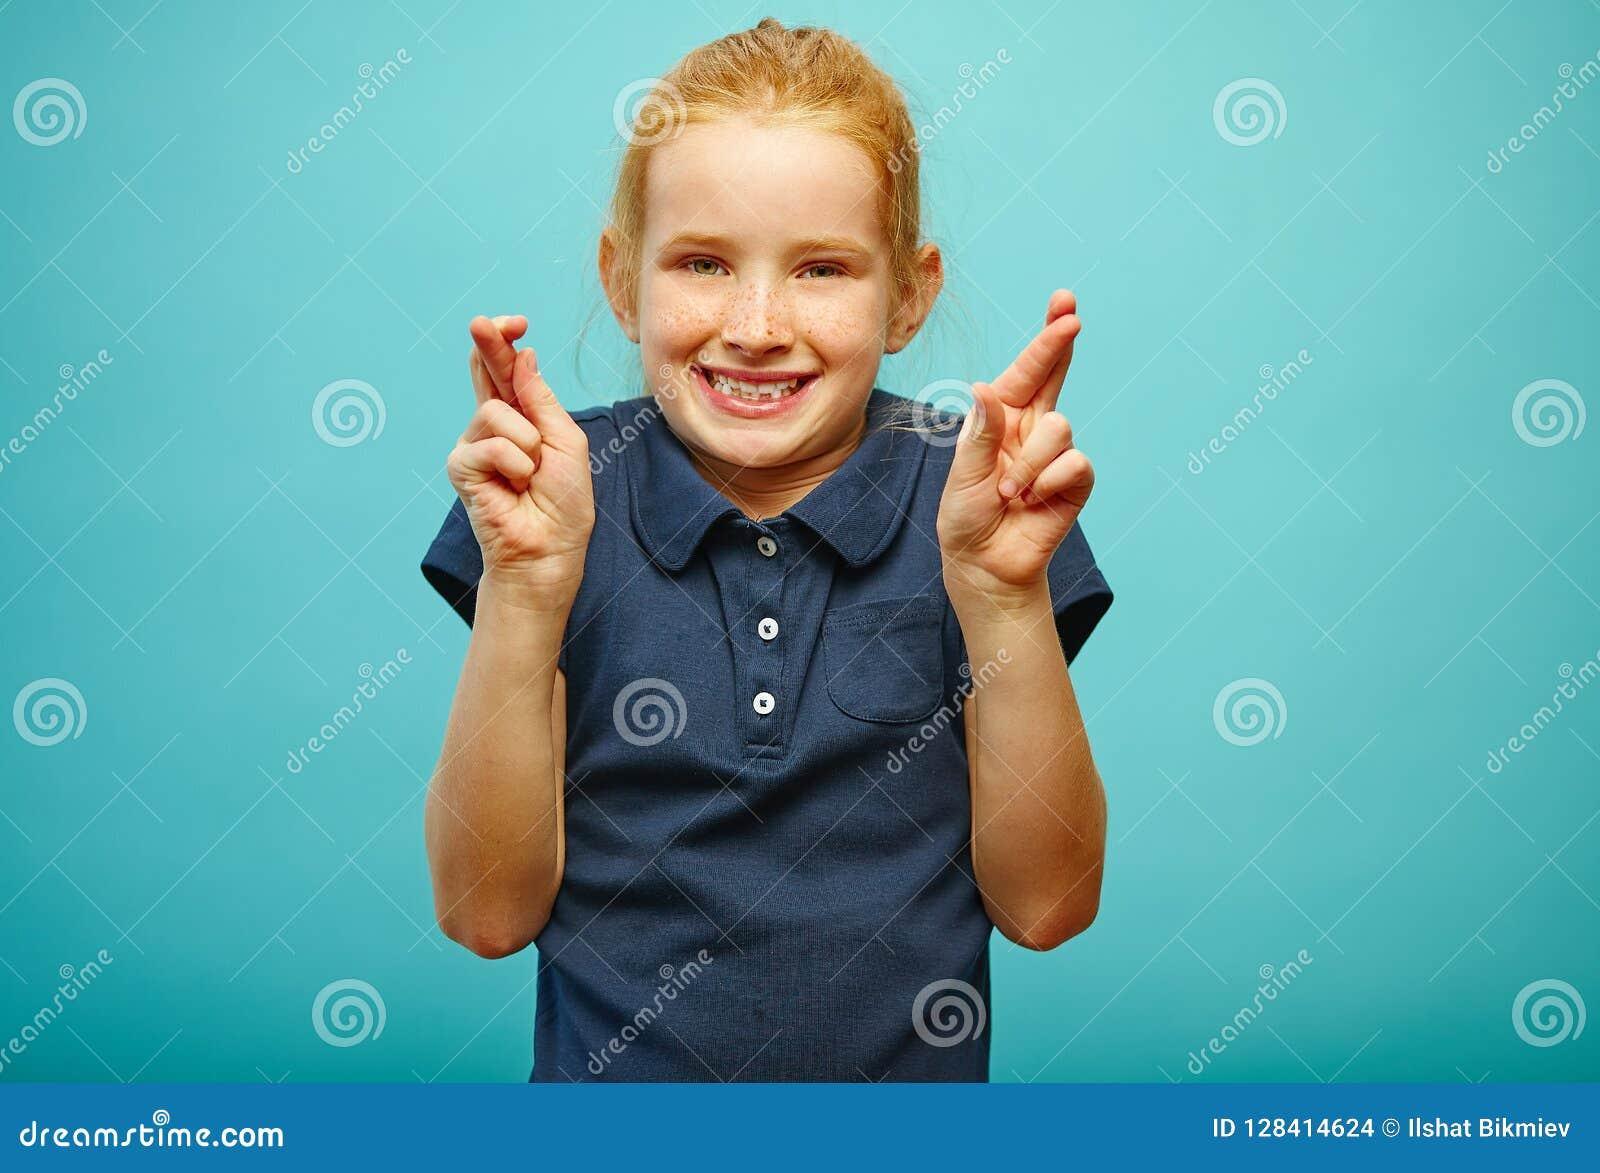 Красивая маленькая девочка с красными волосами и веснушками делает желание, пересеченные пальцы, верит в выполнении мечт, имеет a